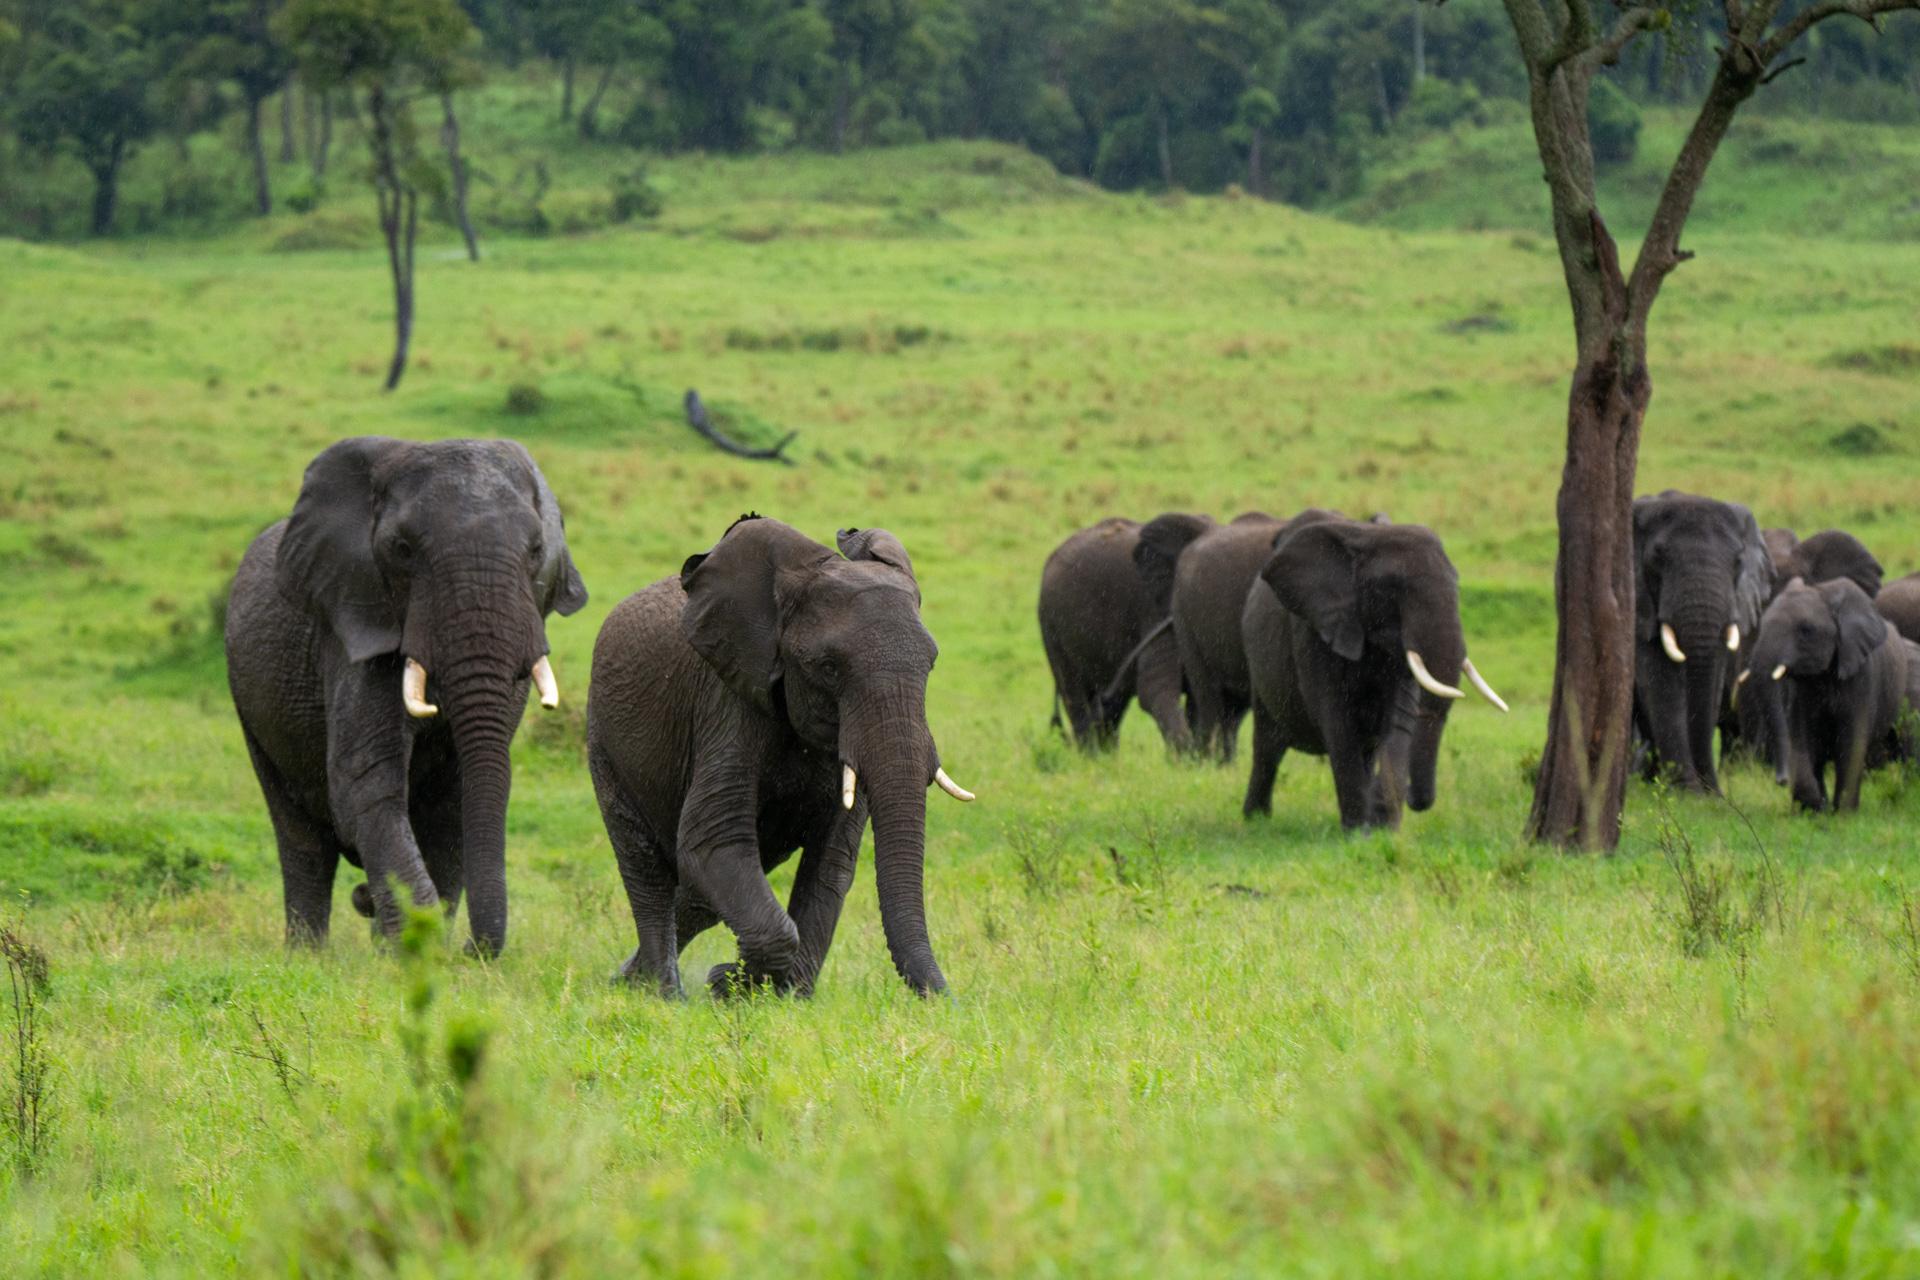 Elephant on the run